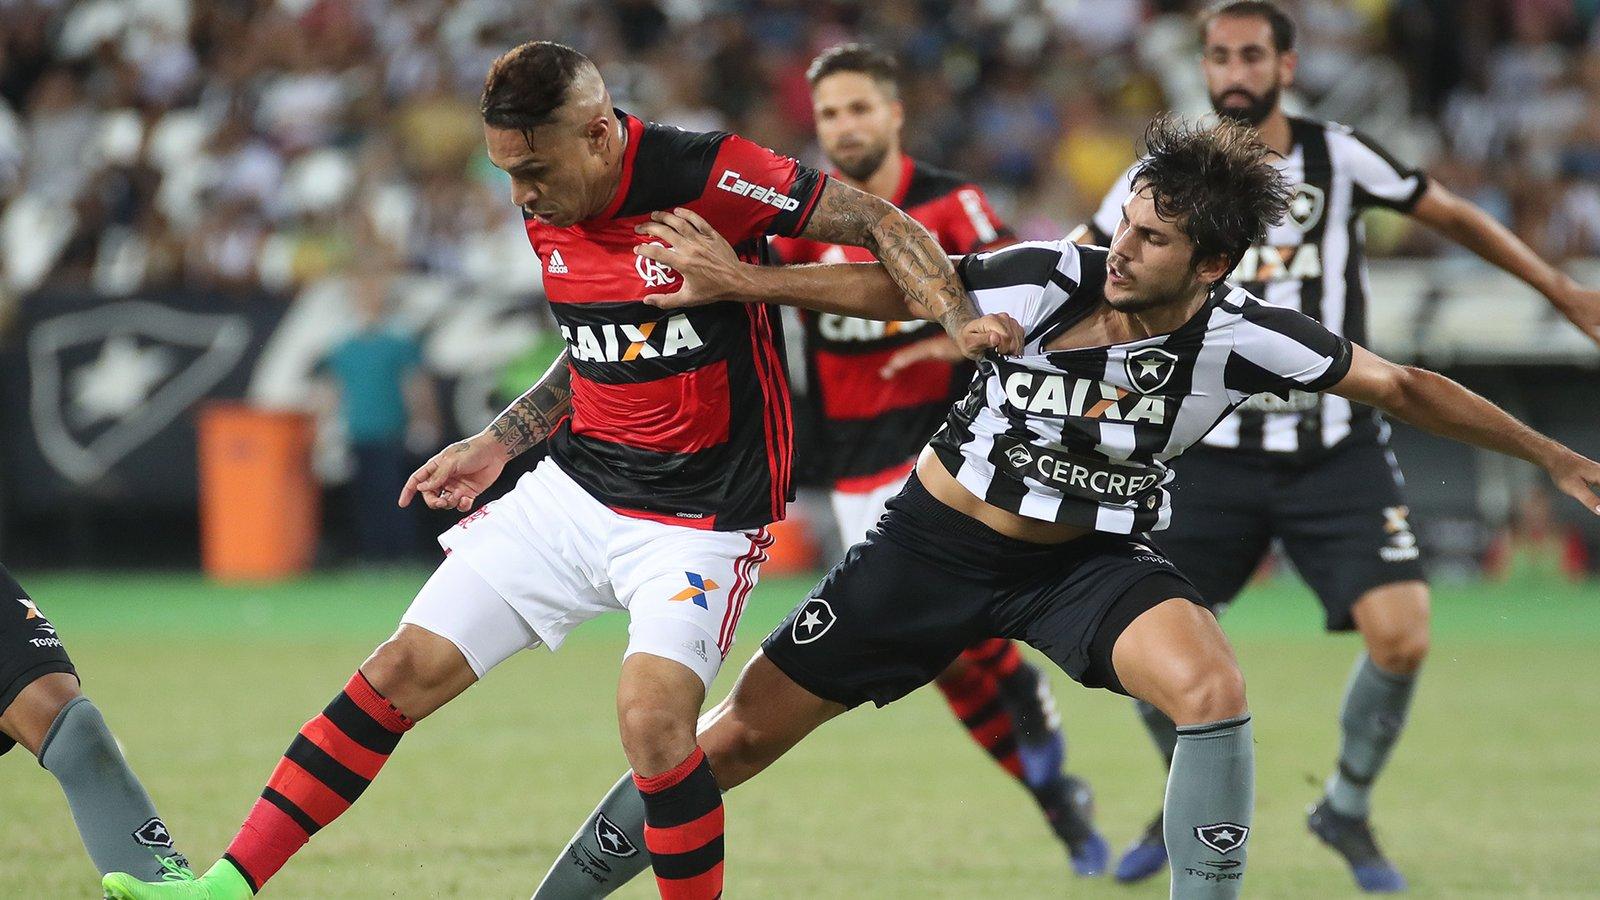 Em clássico com tensão e violência, Flamengo vence Botafogo, garante vaga na semi e elimina rival